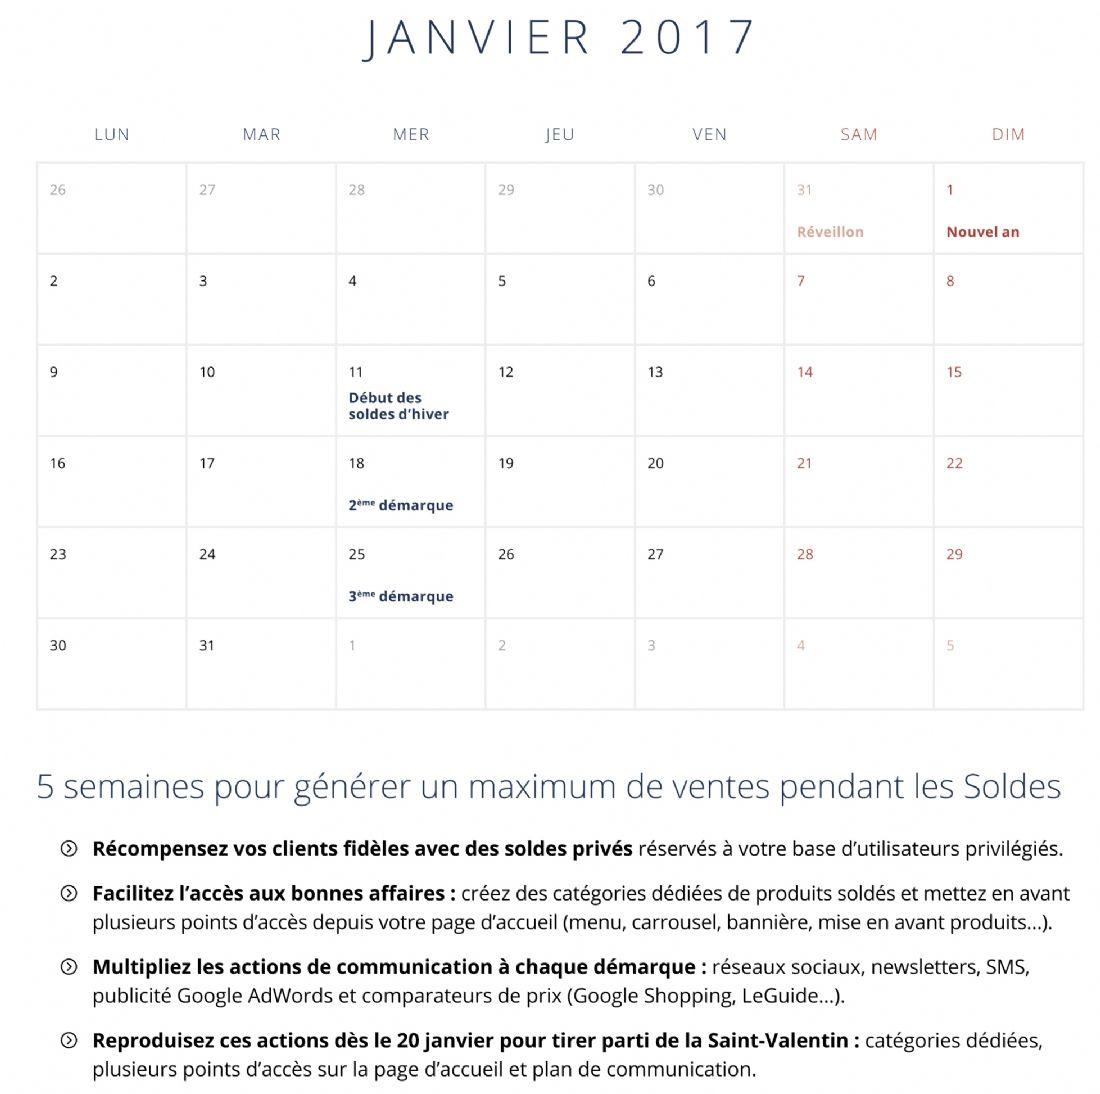 Le calendrier 2017 des e commer ants - Les soldes janvier 2017 ...